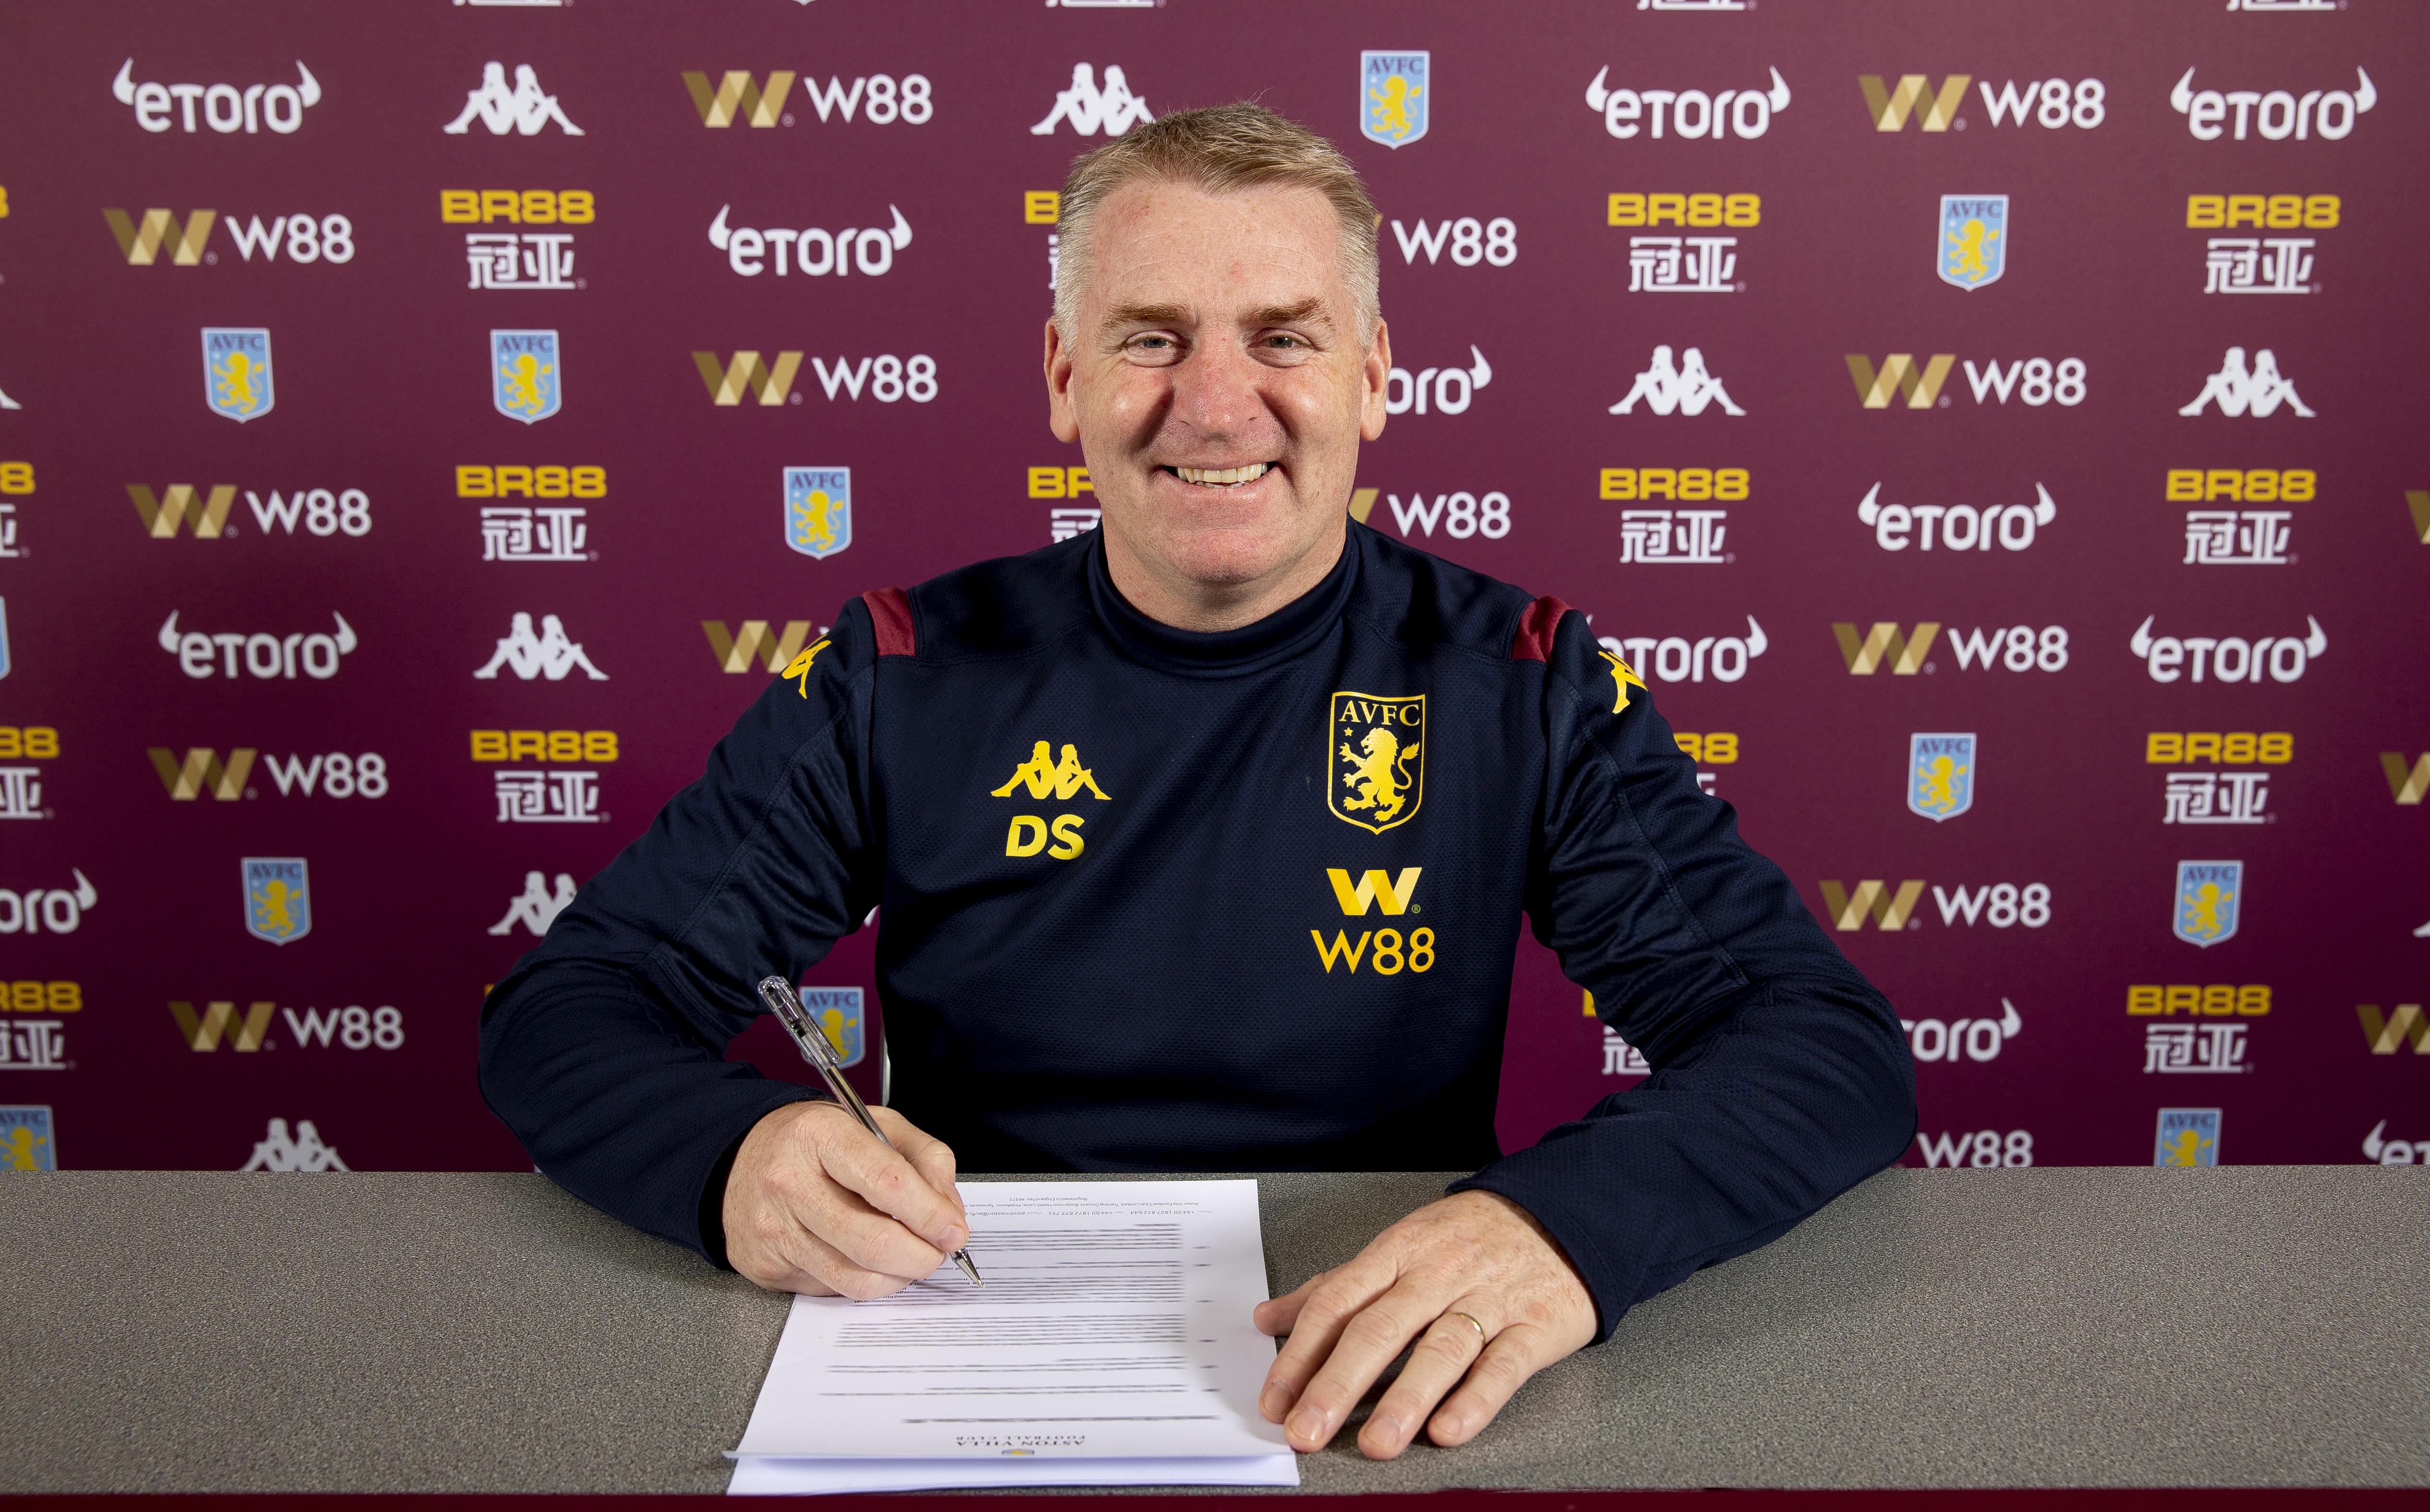 Dean Smith Signs a New Contract at Aston Villa